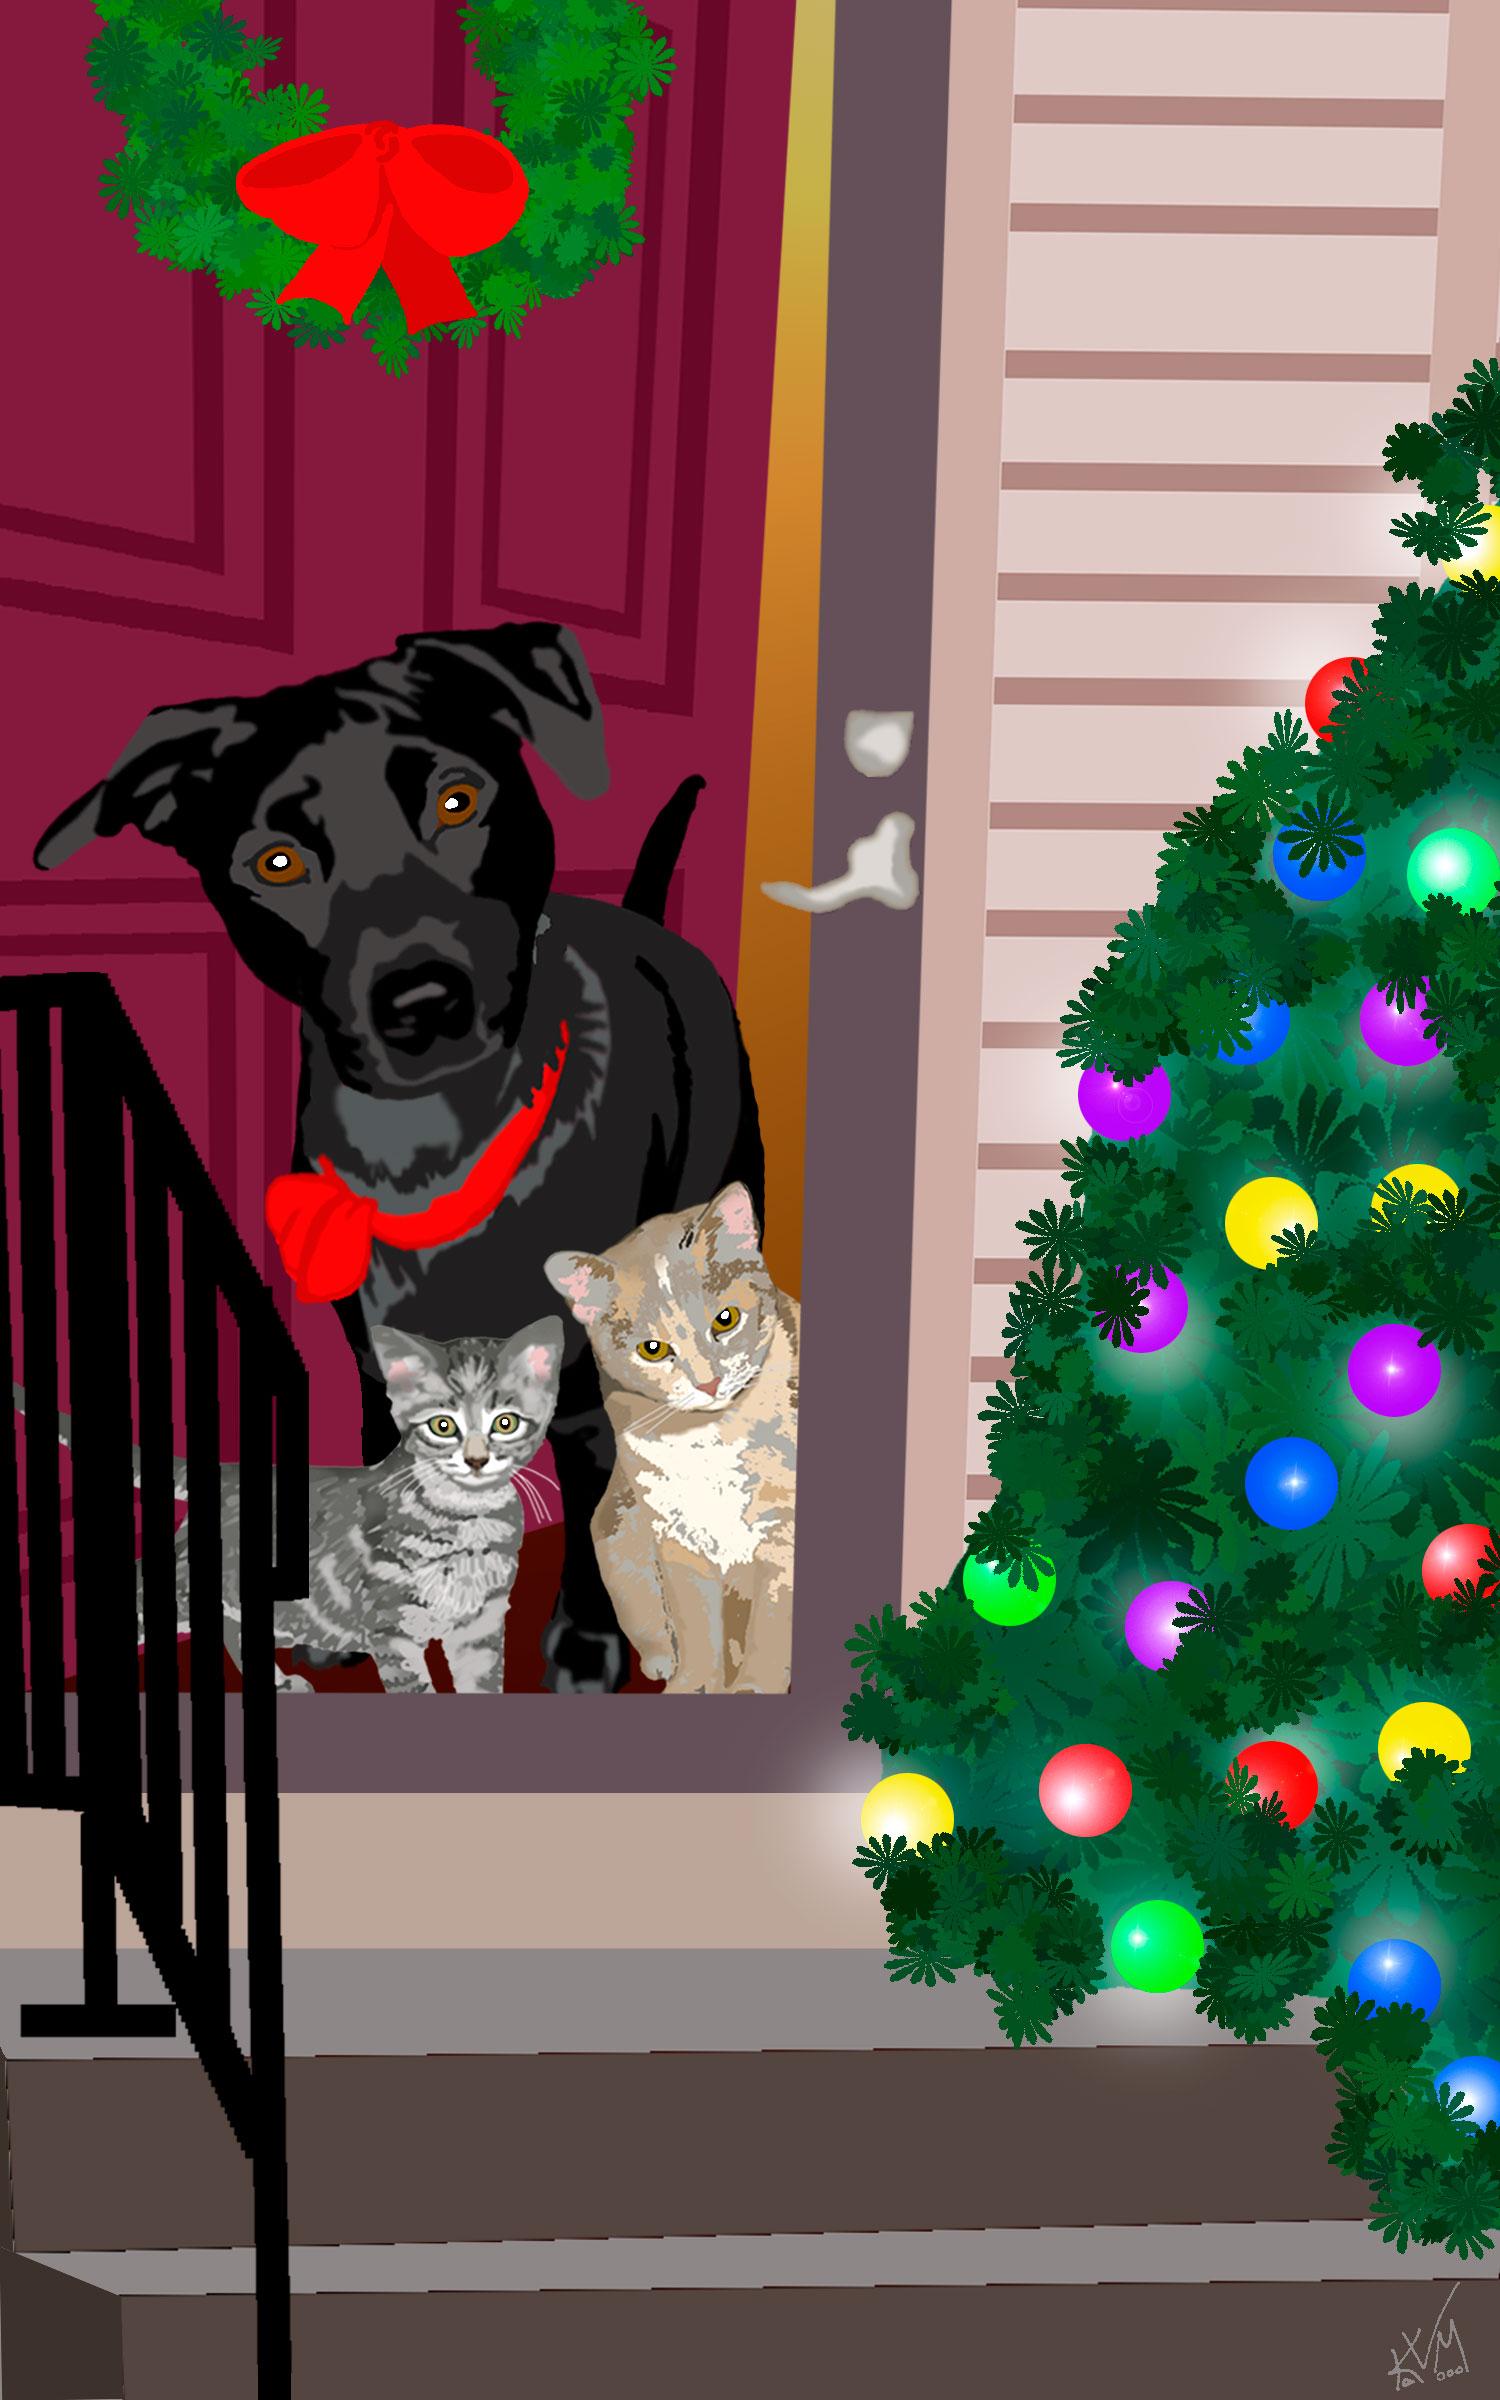 Together for Christmas (098)